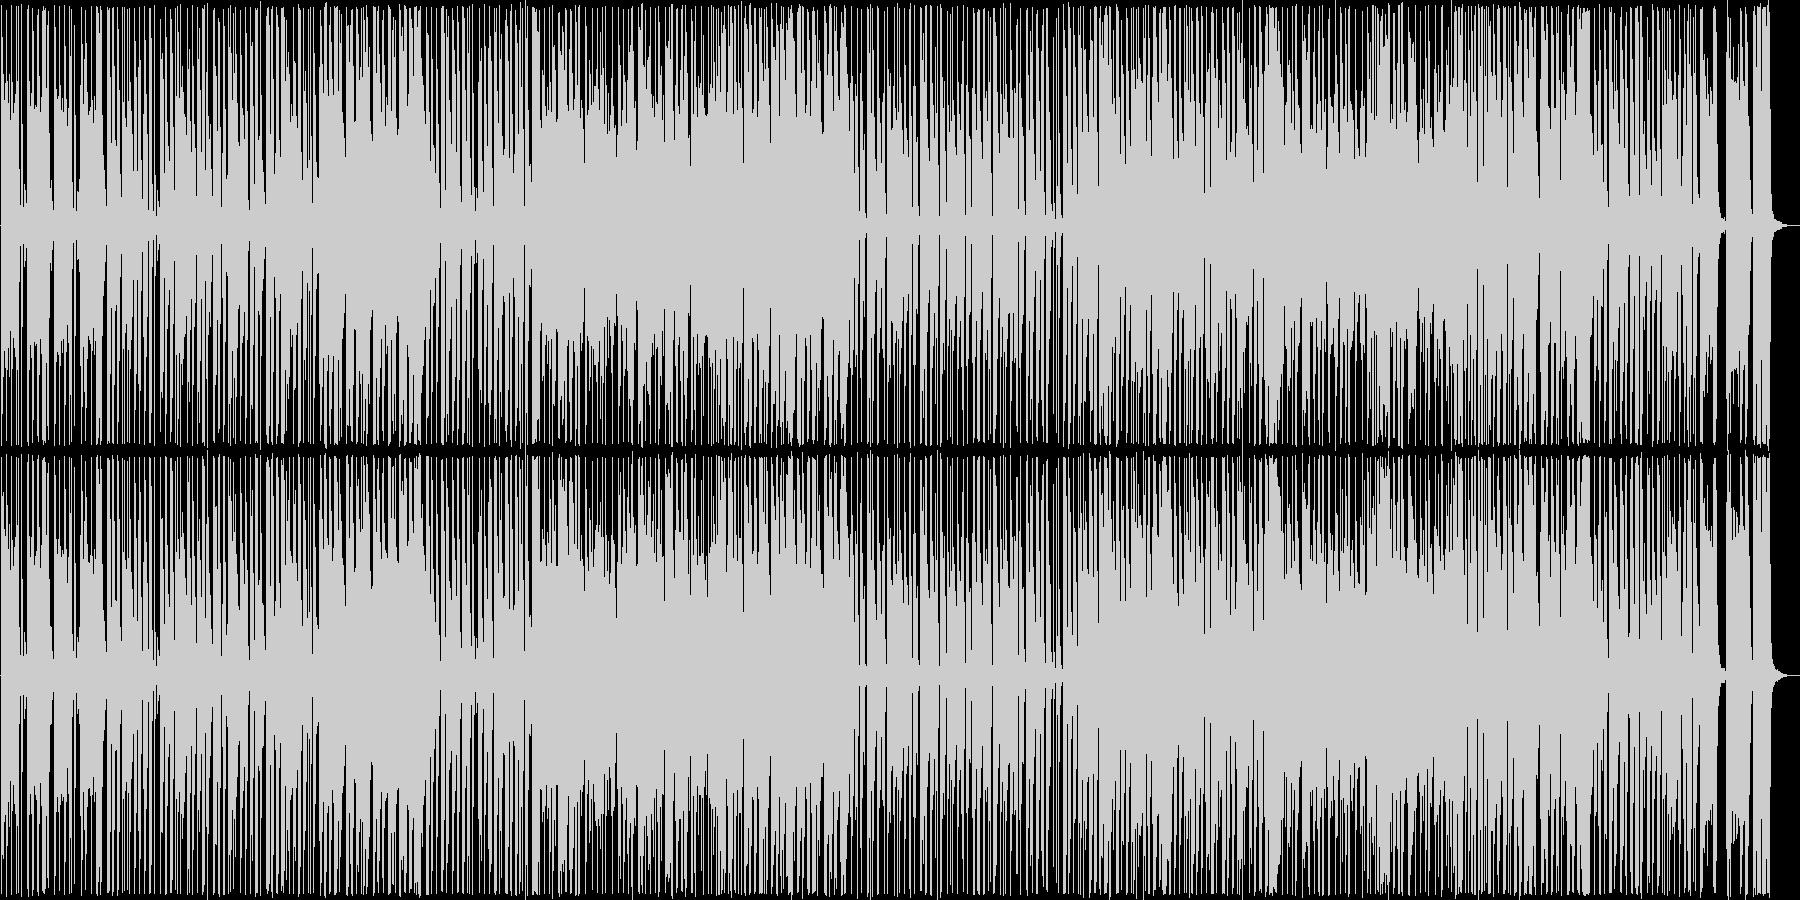 パワフルでグルーヴィーなサウンドの未再生の波形